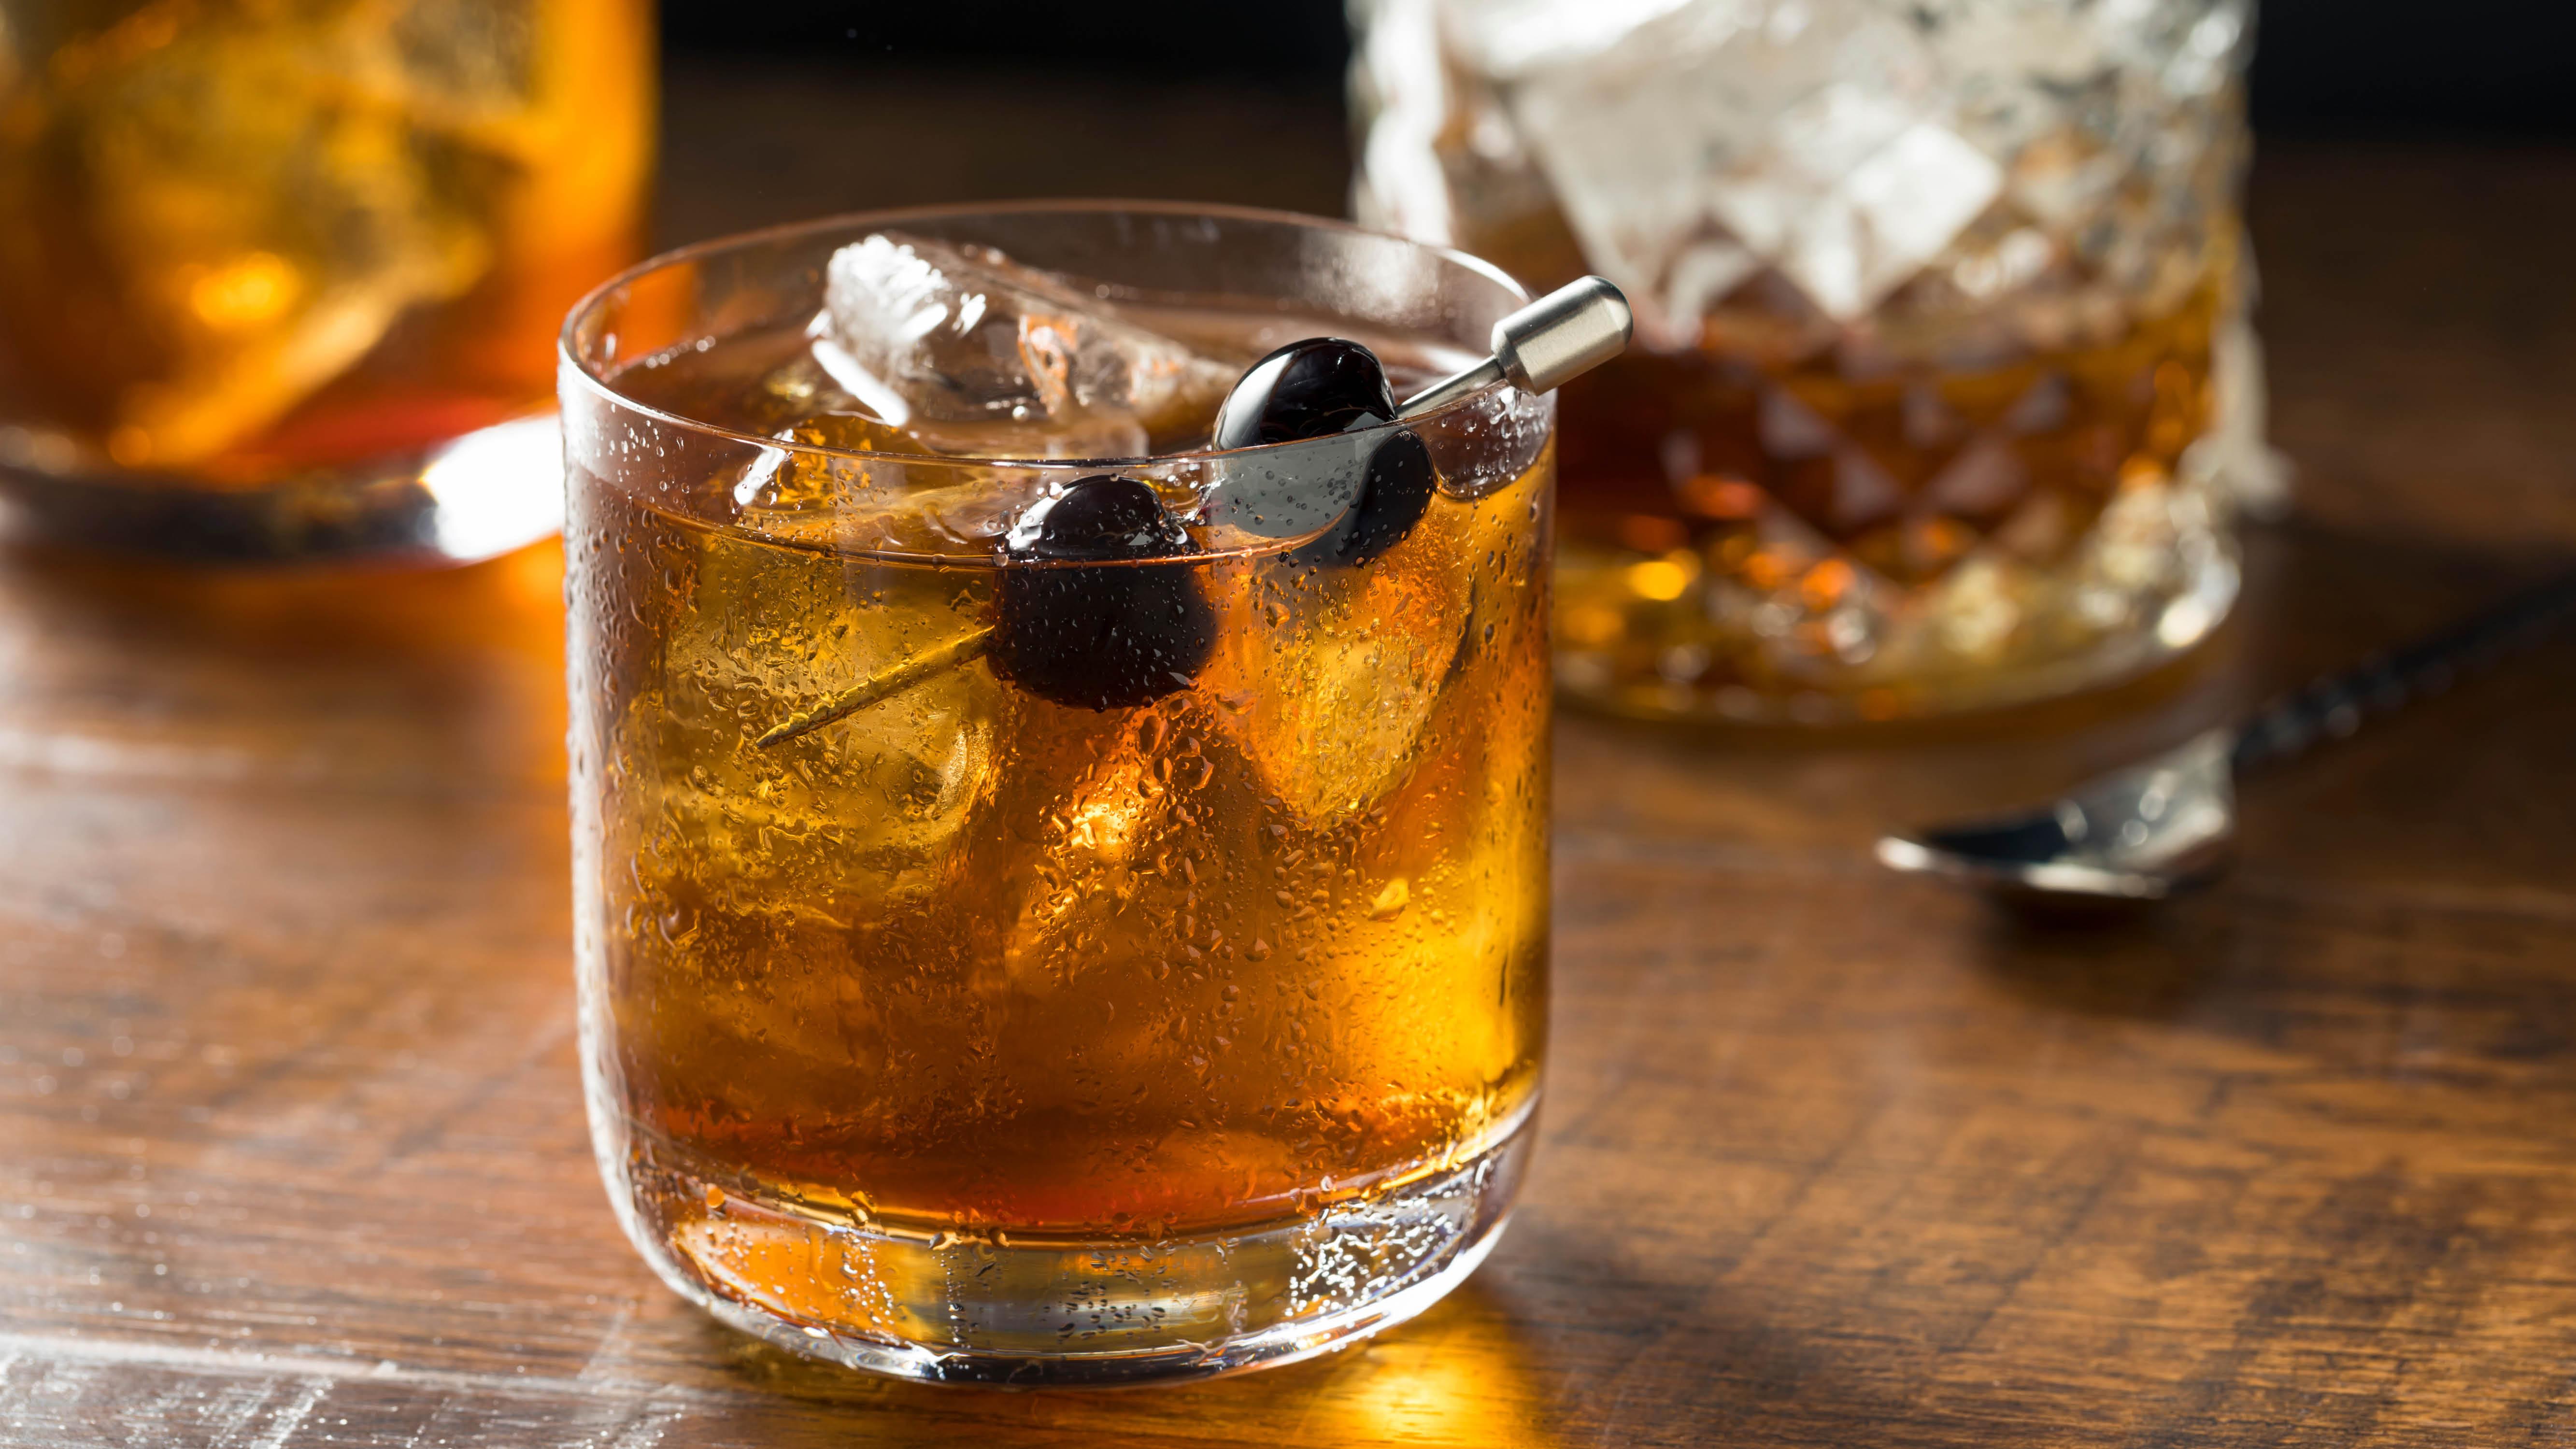 bourbon-whisky-or-bourbon-on-the-rocks.jpg